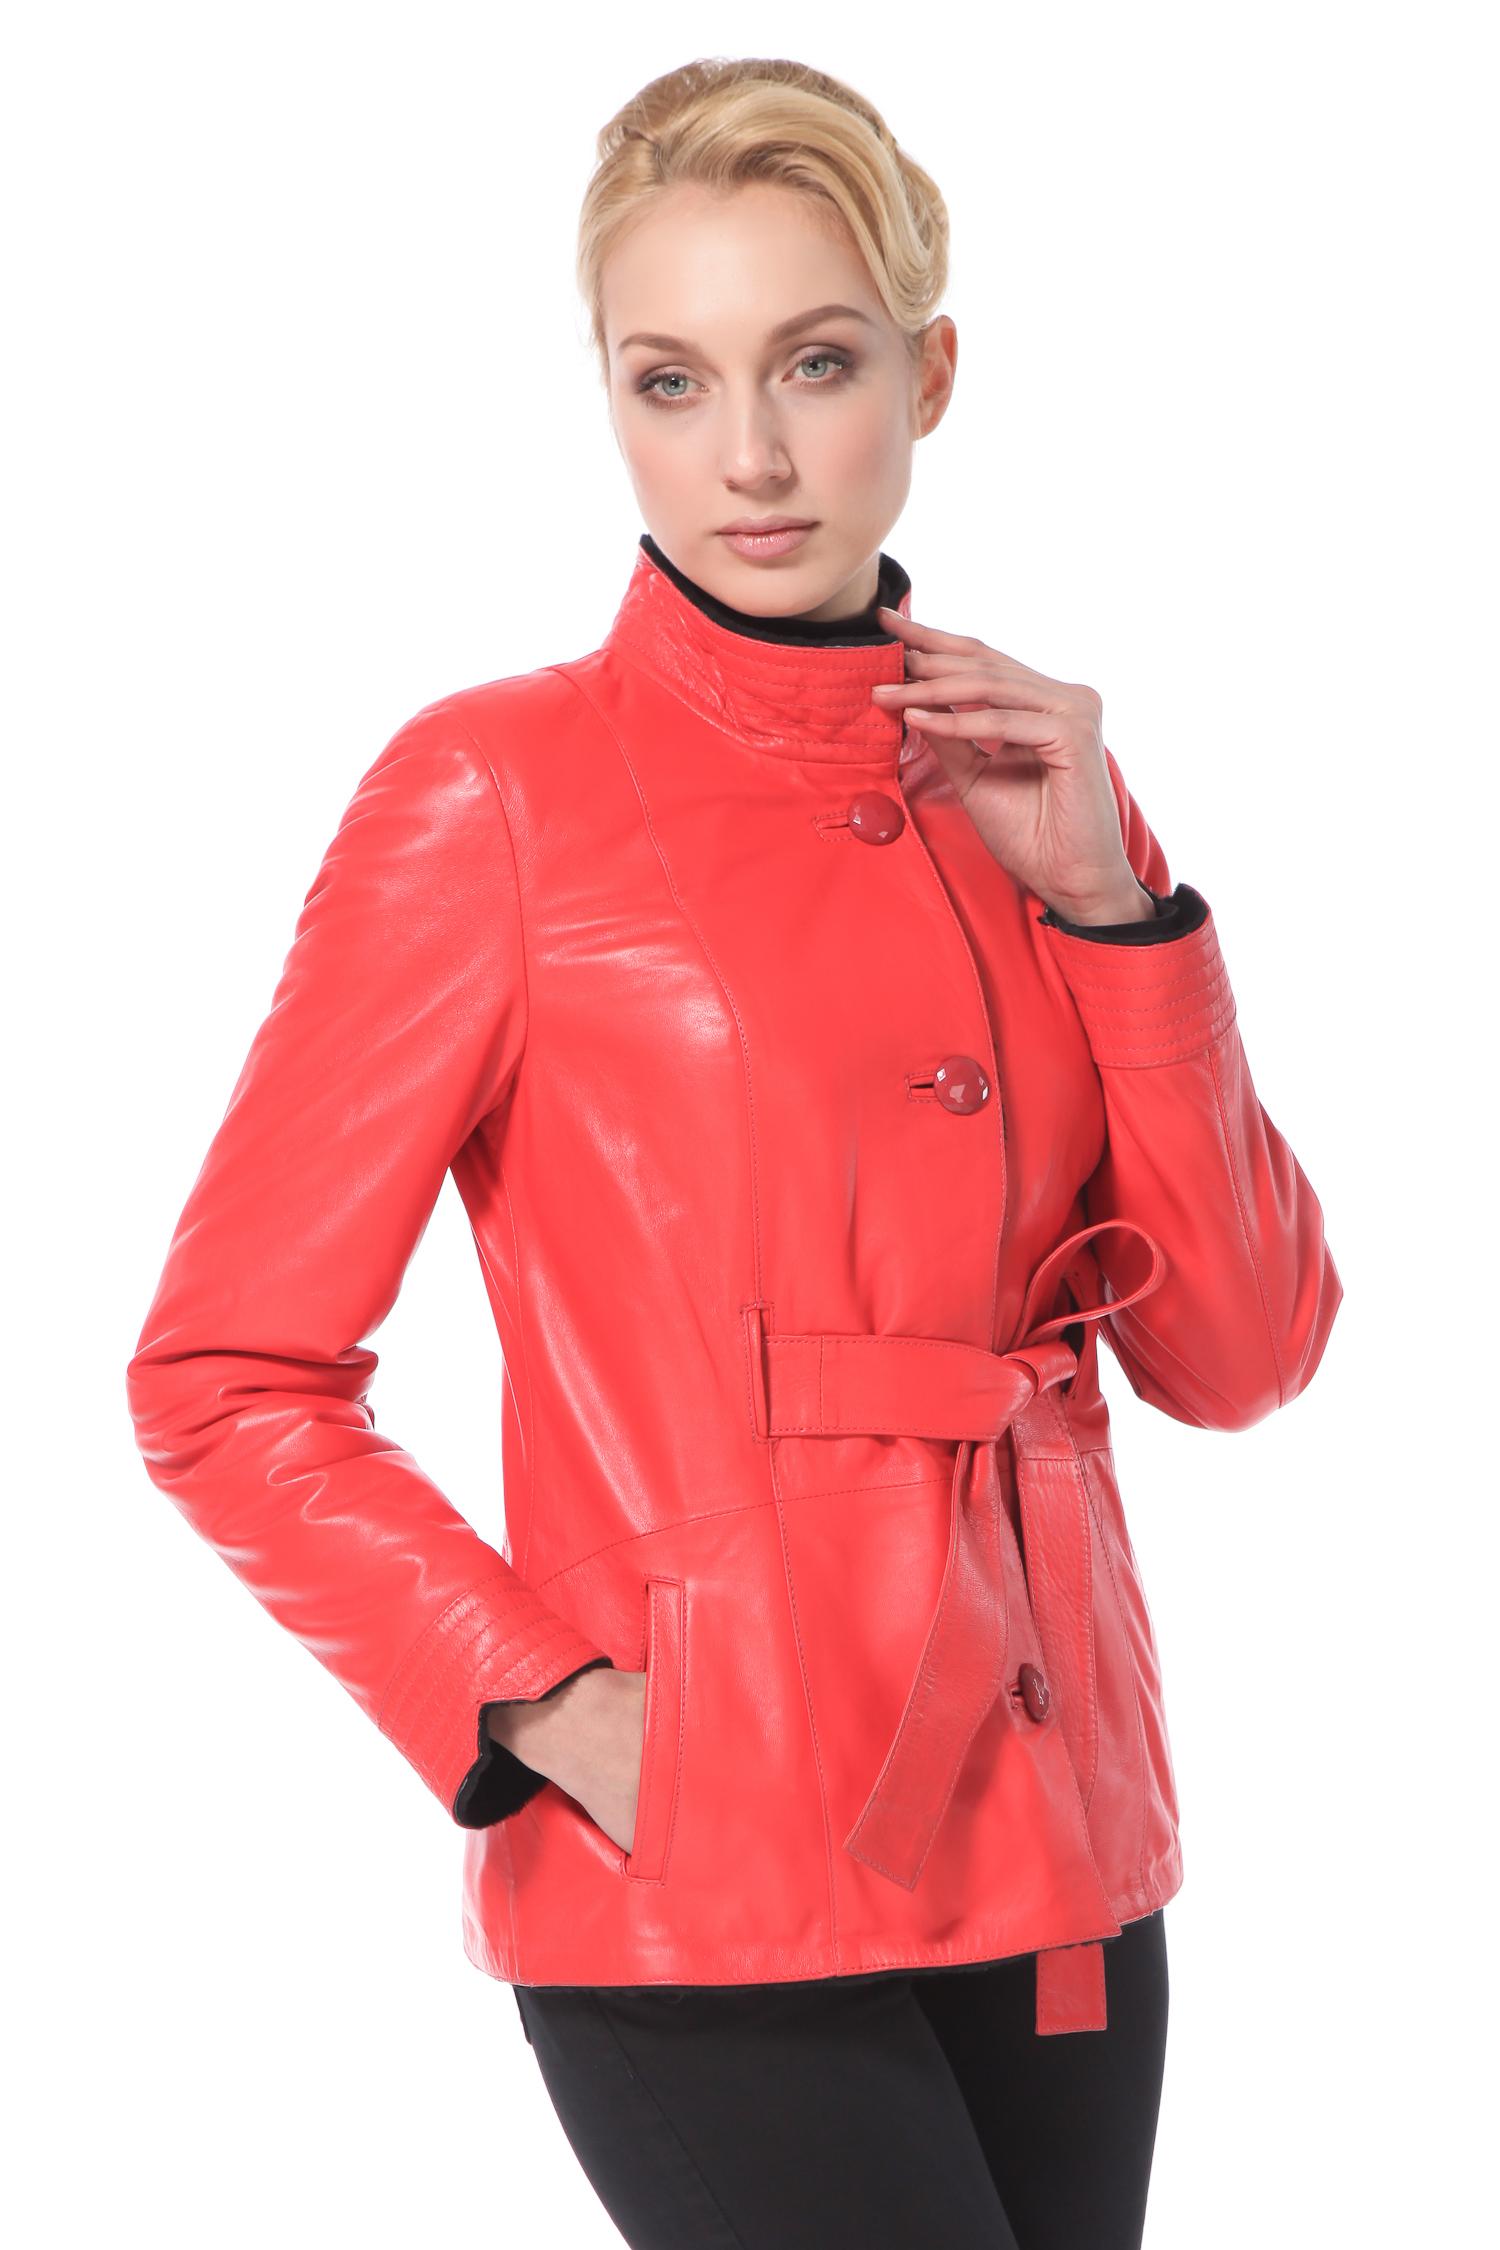 Дубленка женская из натуральной кожи с воротником, без отделки<br><br>Воротник: Стойка<br>Длина см: 65<br>Материал: Наппа/интерфин<br>Цвет: Рыжий<br>Пол: Женский